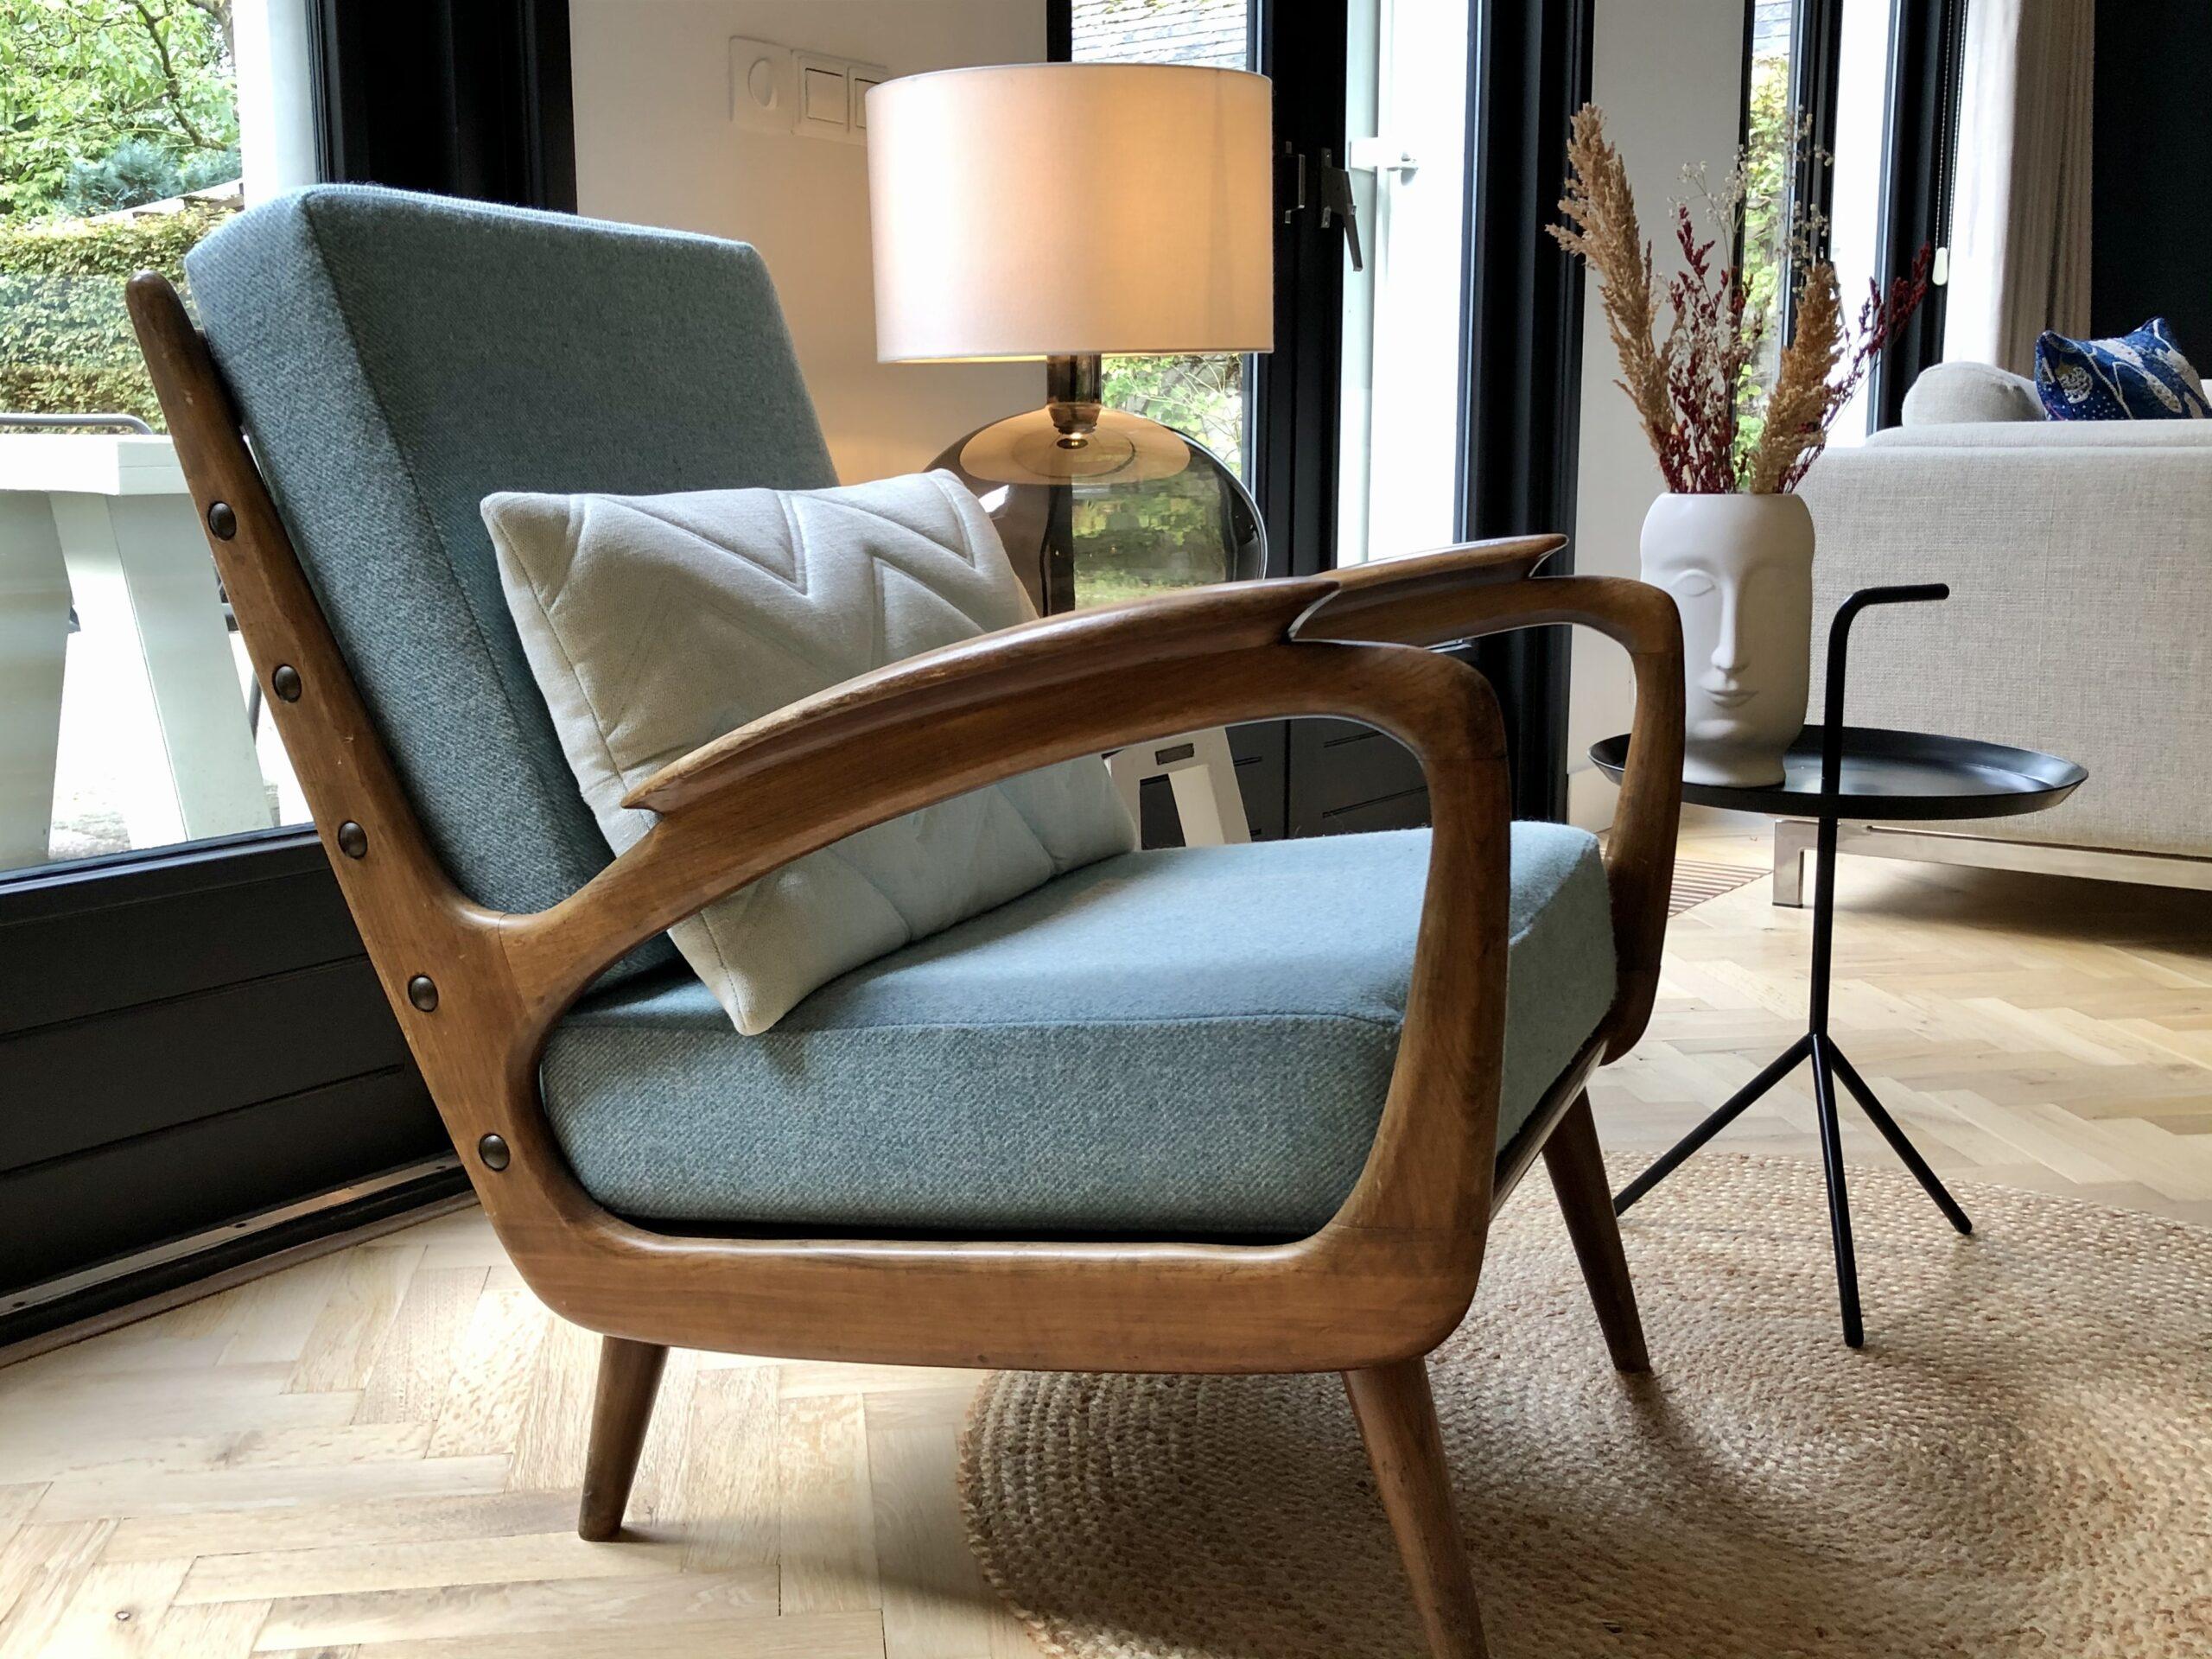 fauteuil nieuwe kussens